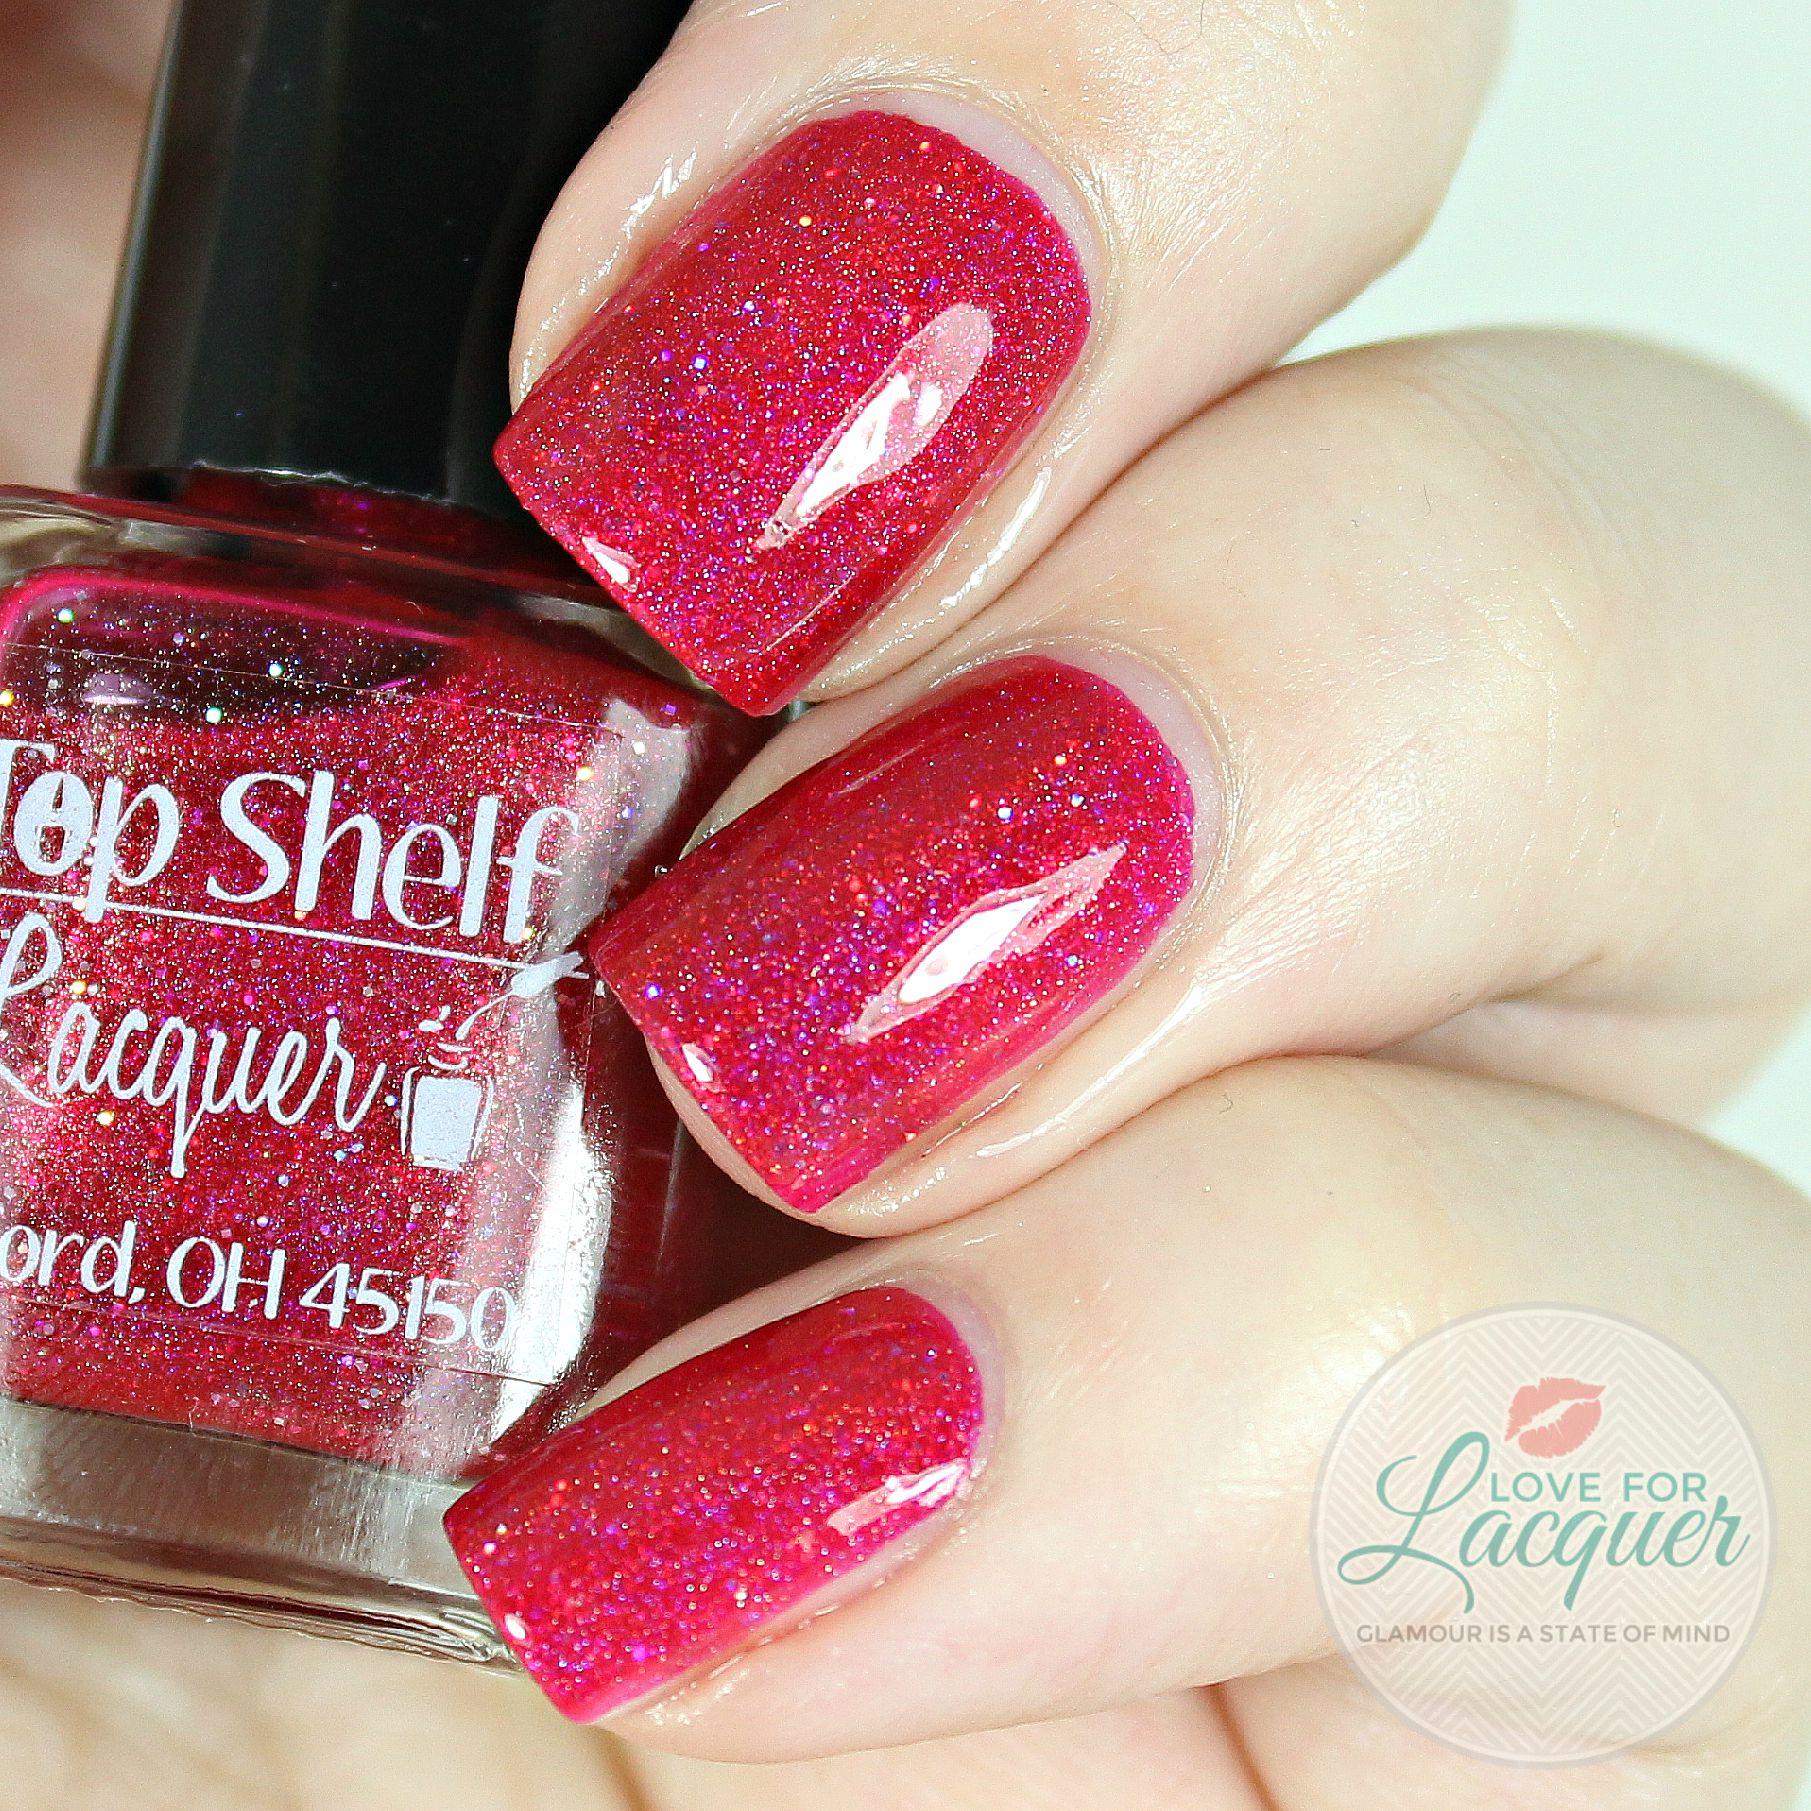 Top Shelf Lacquer Strawberry Sangria